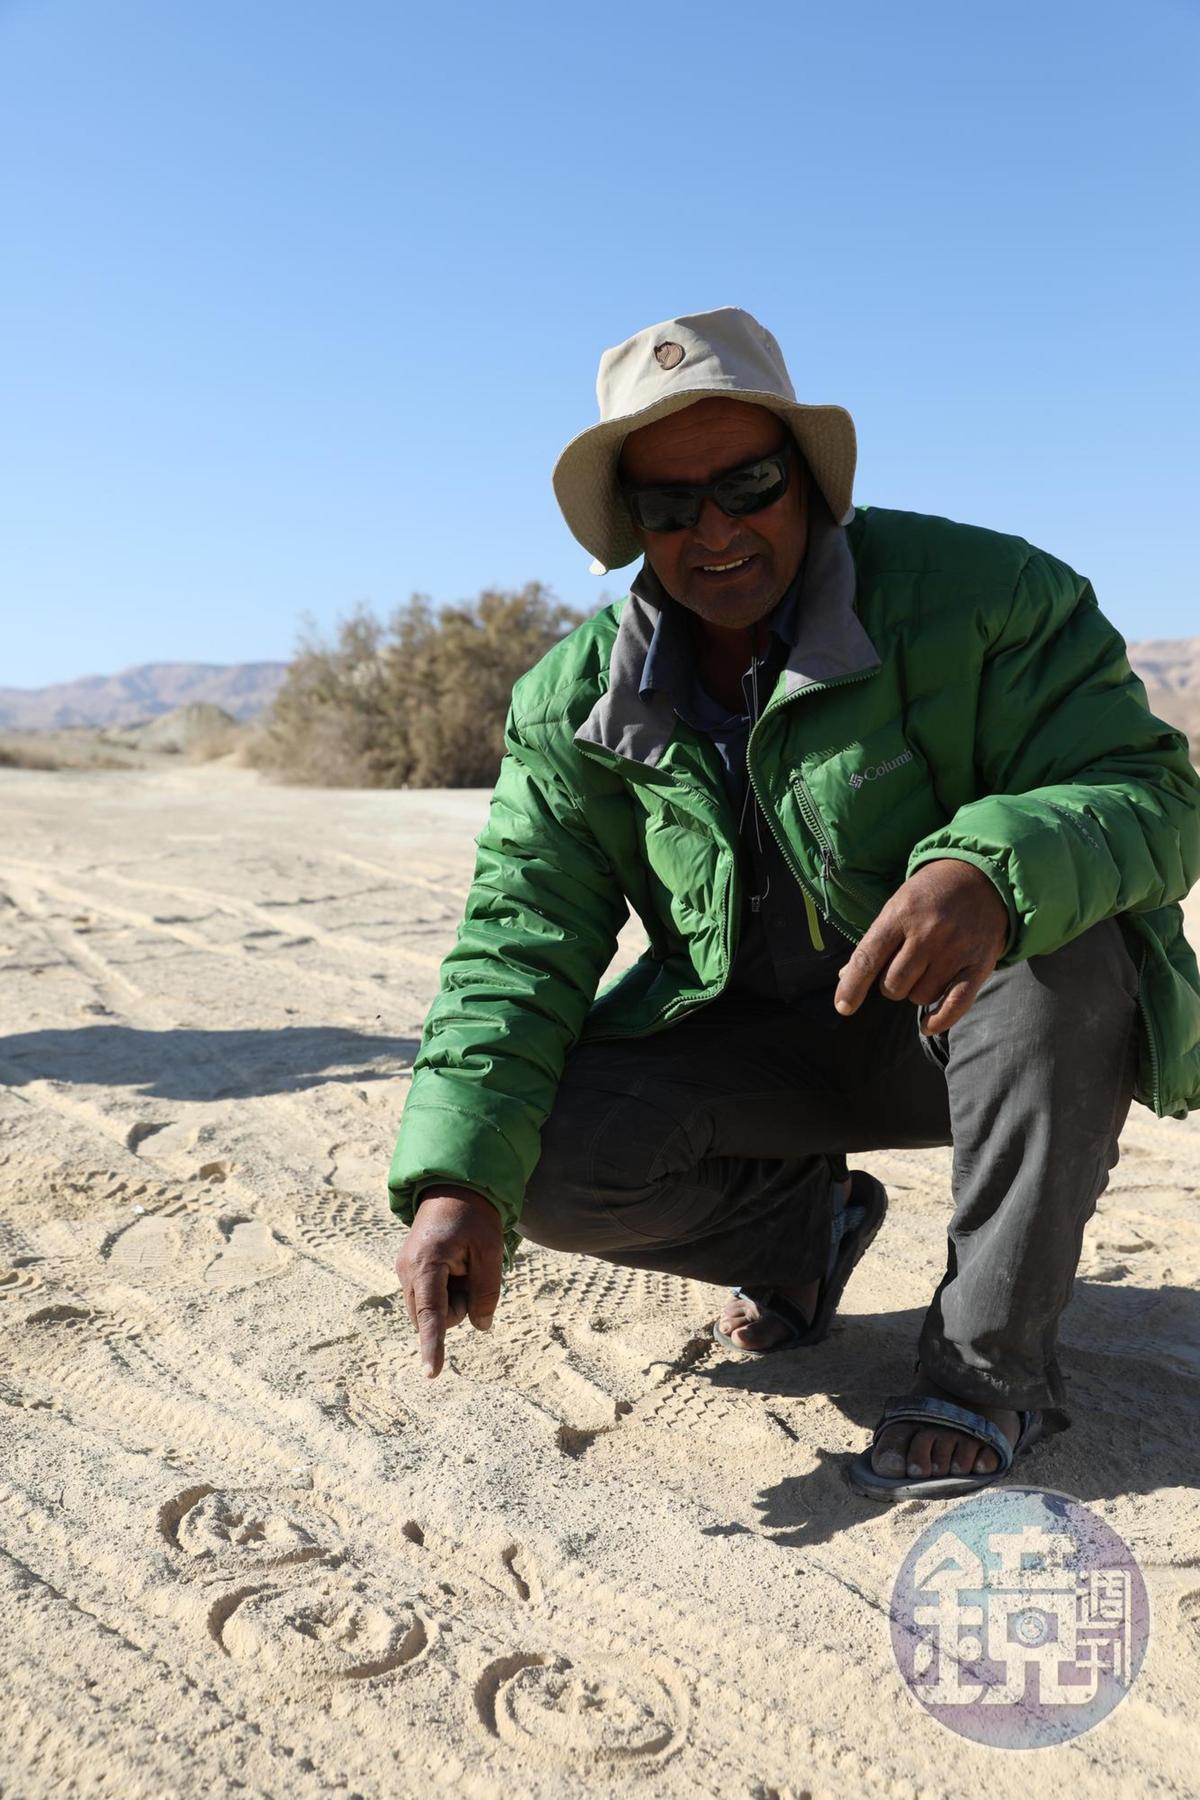 阿里指著腳印說這是努比亞羱羊路過的痕跡。